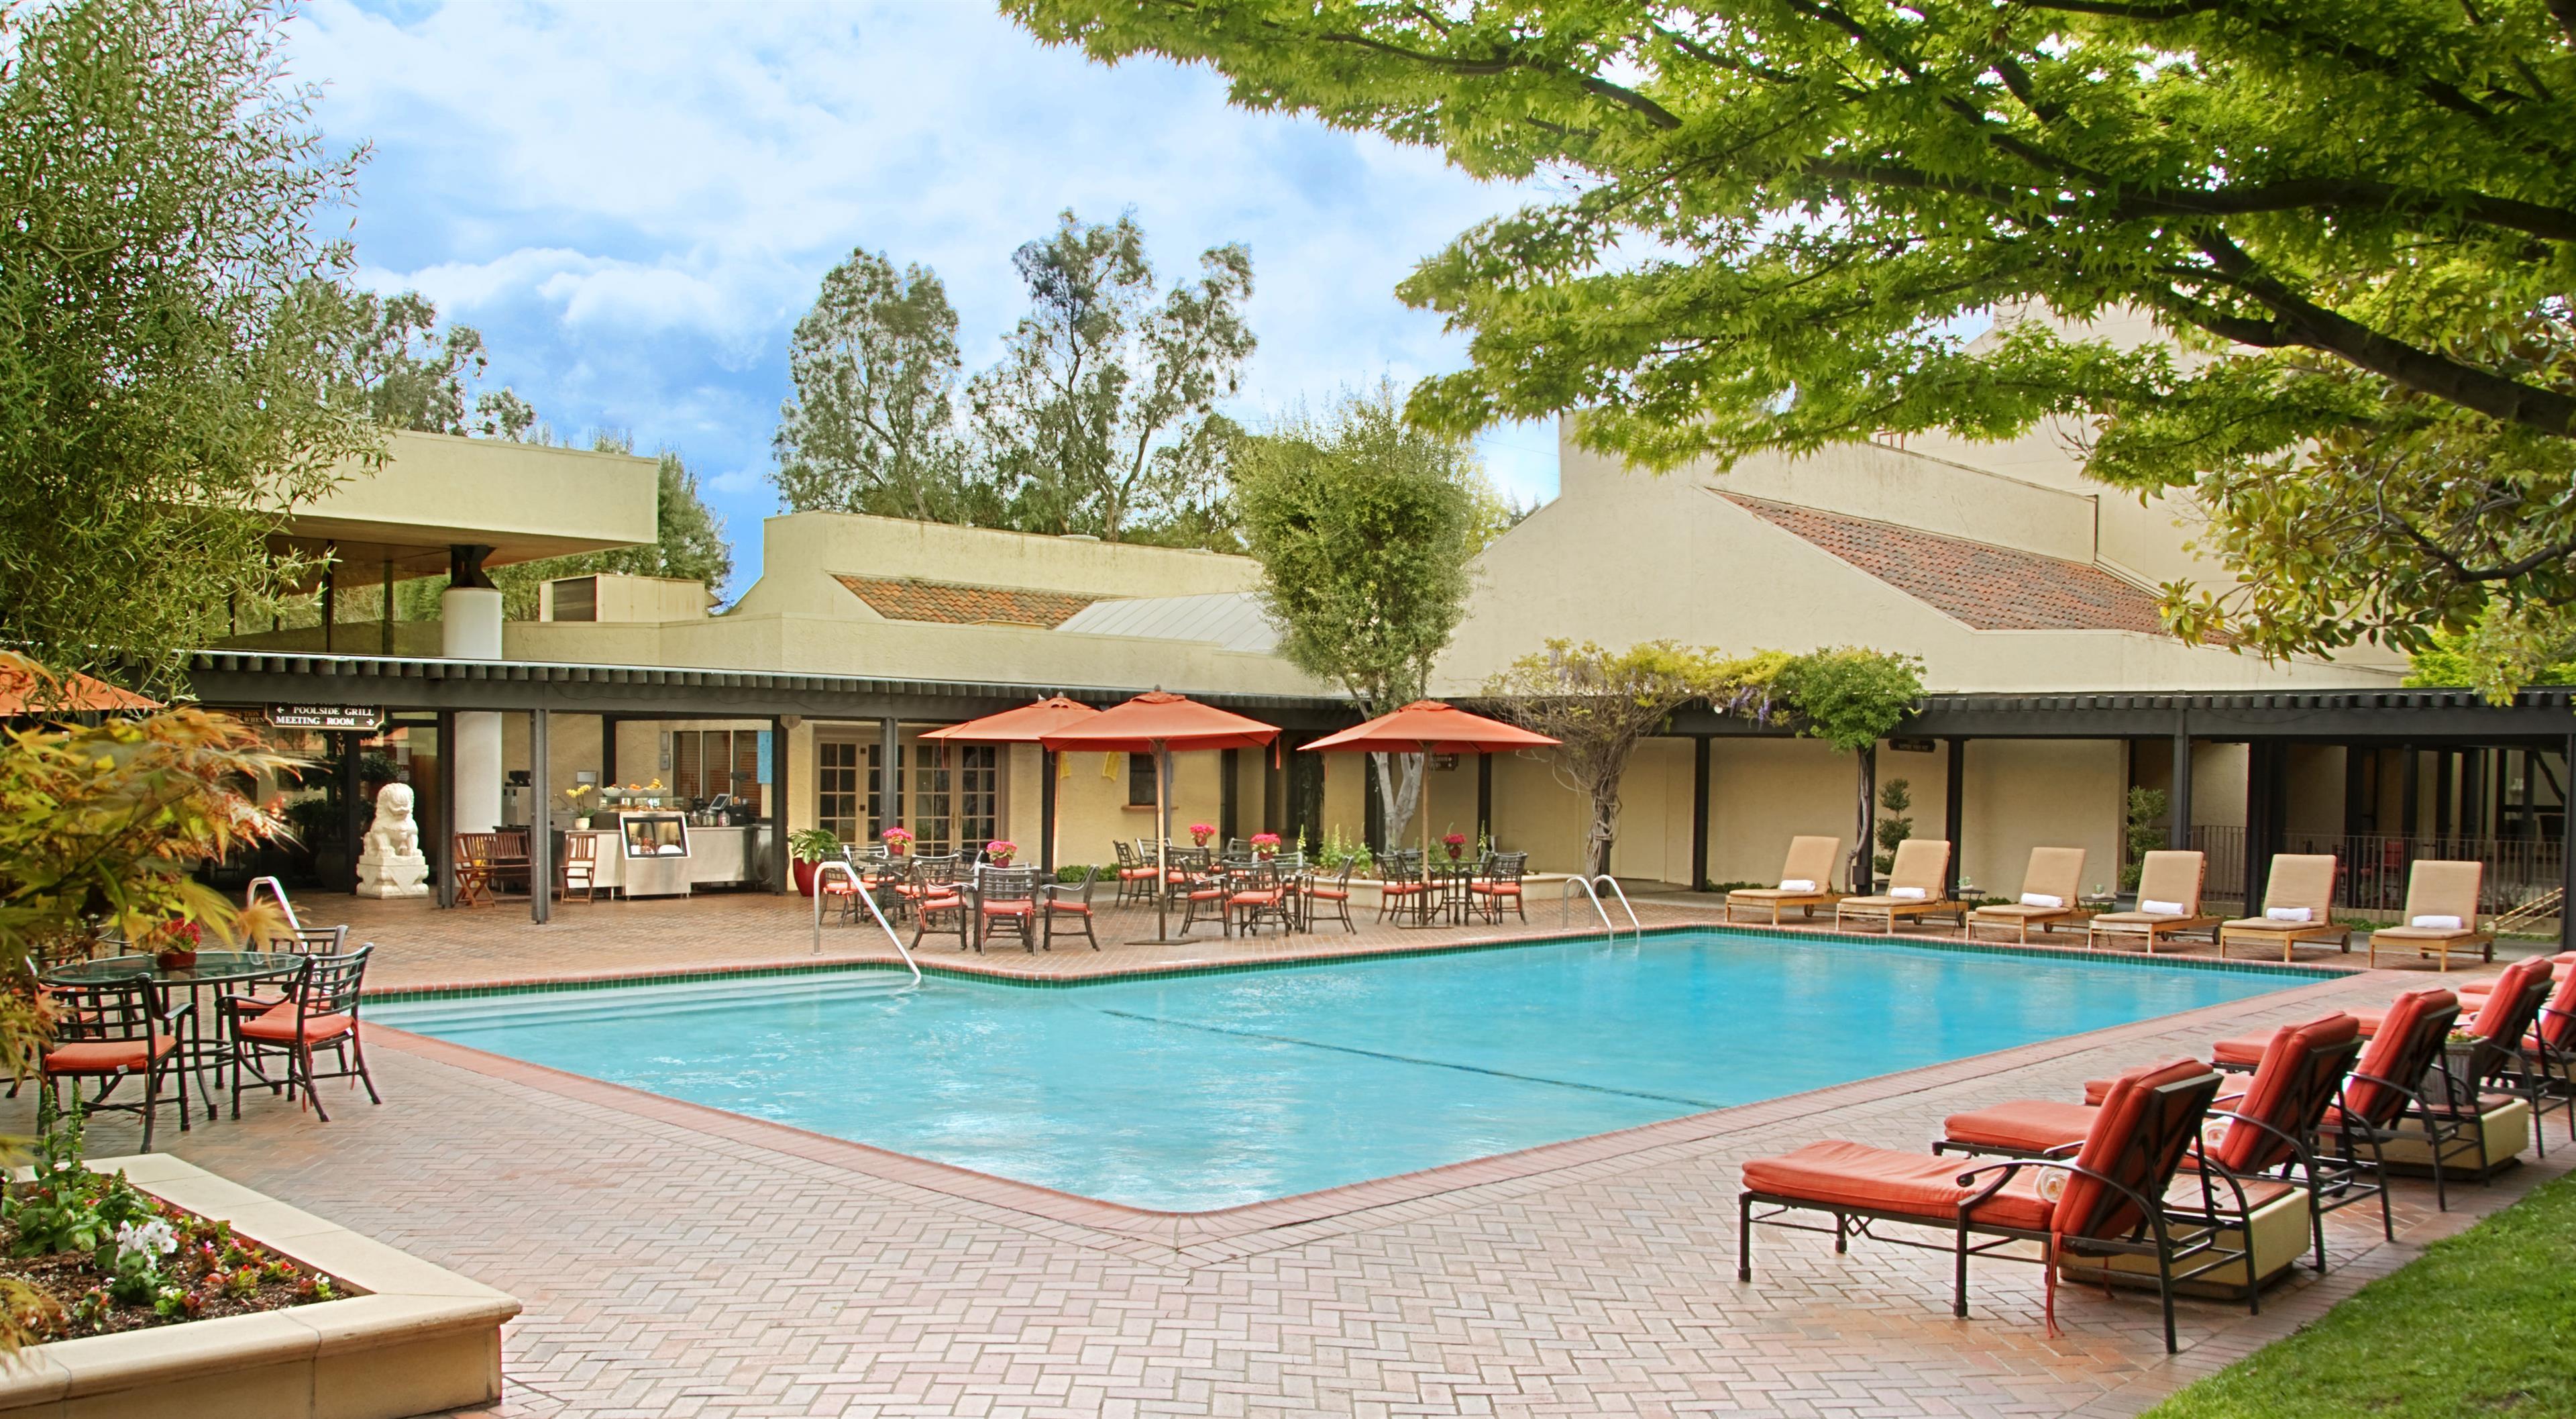 Sheraton palo alto hotel - Palo alto ymca swimming pool schedule ...